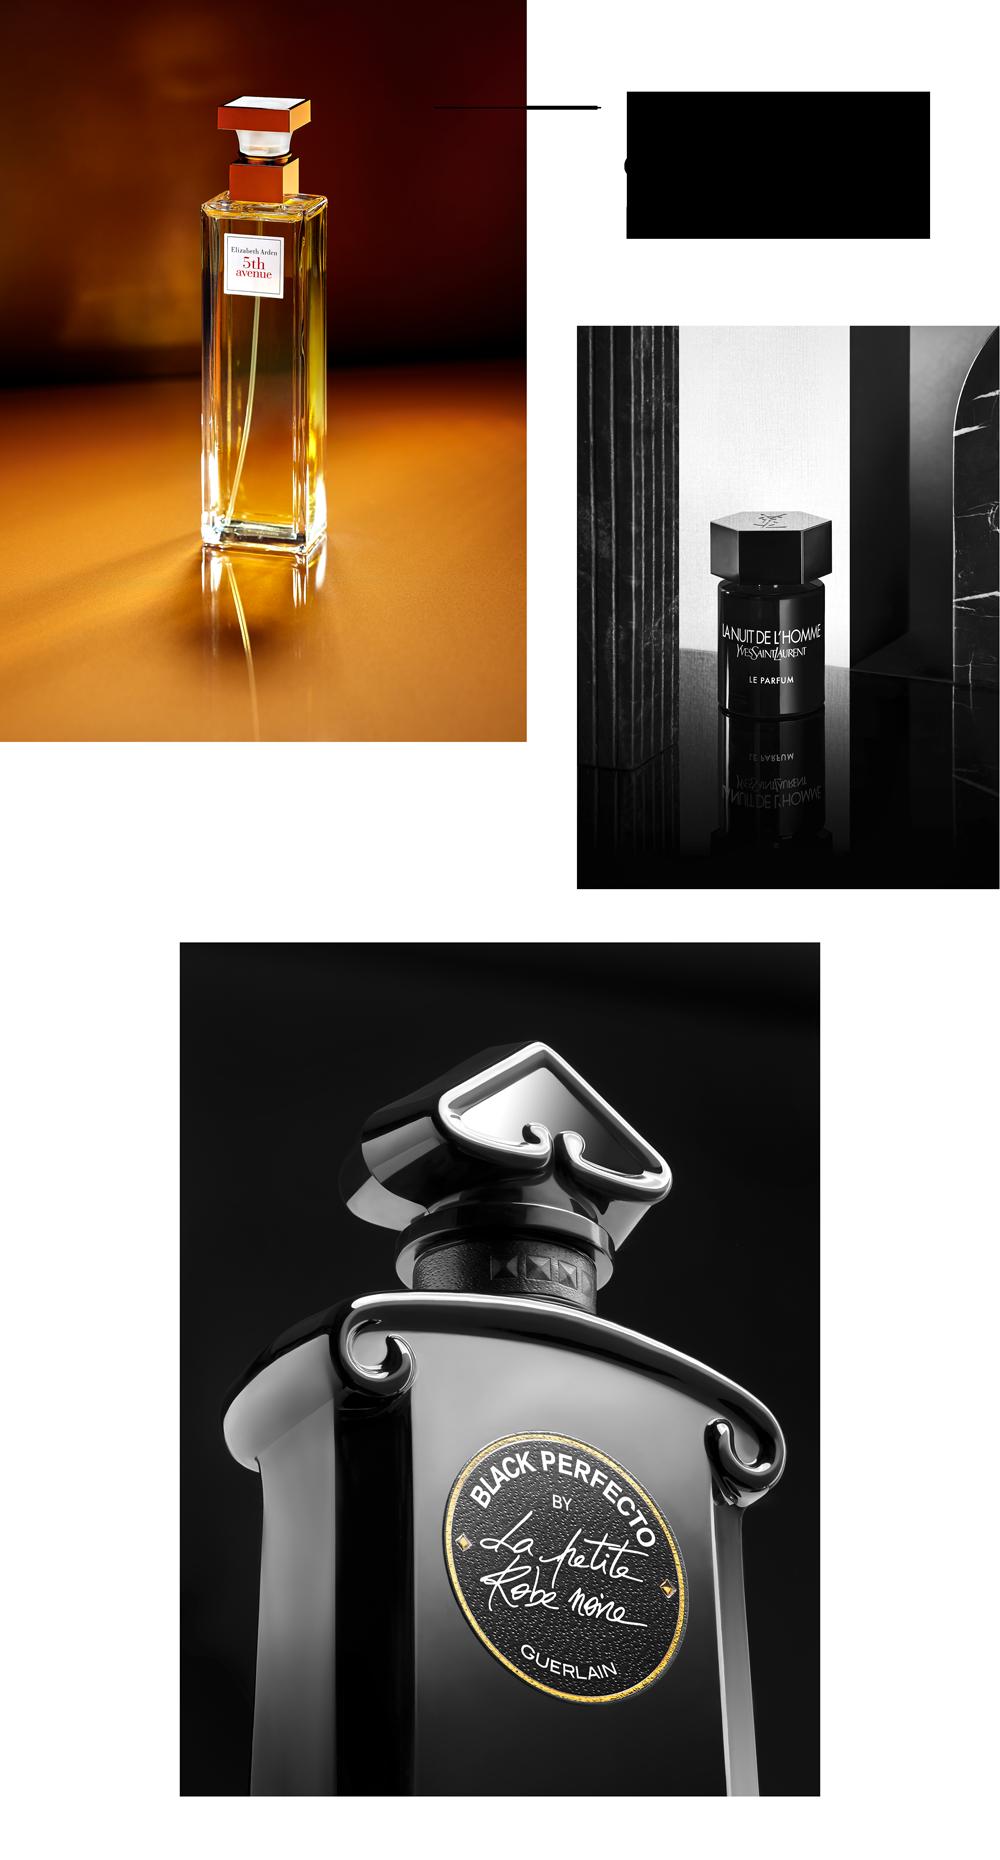 Photographe cosmétique lyon paris